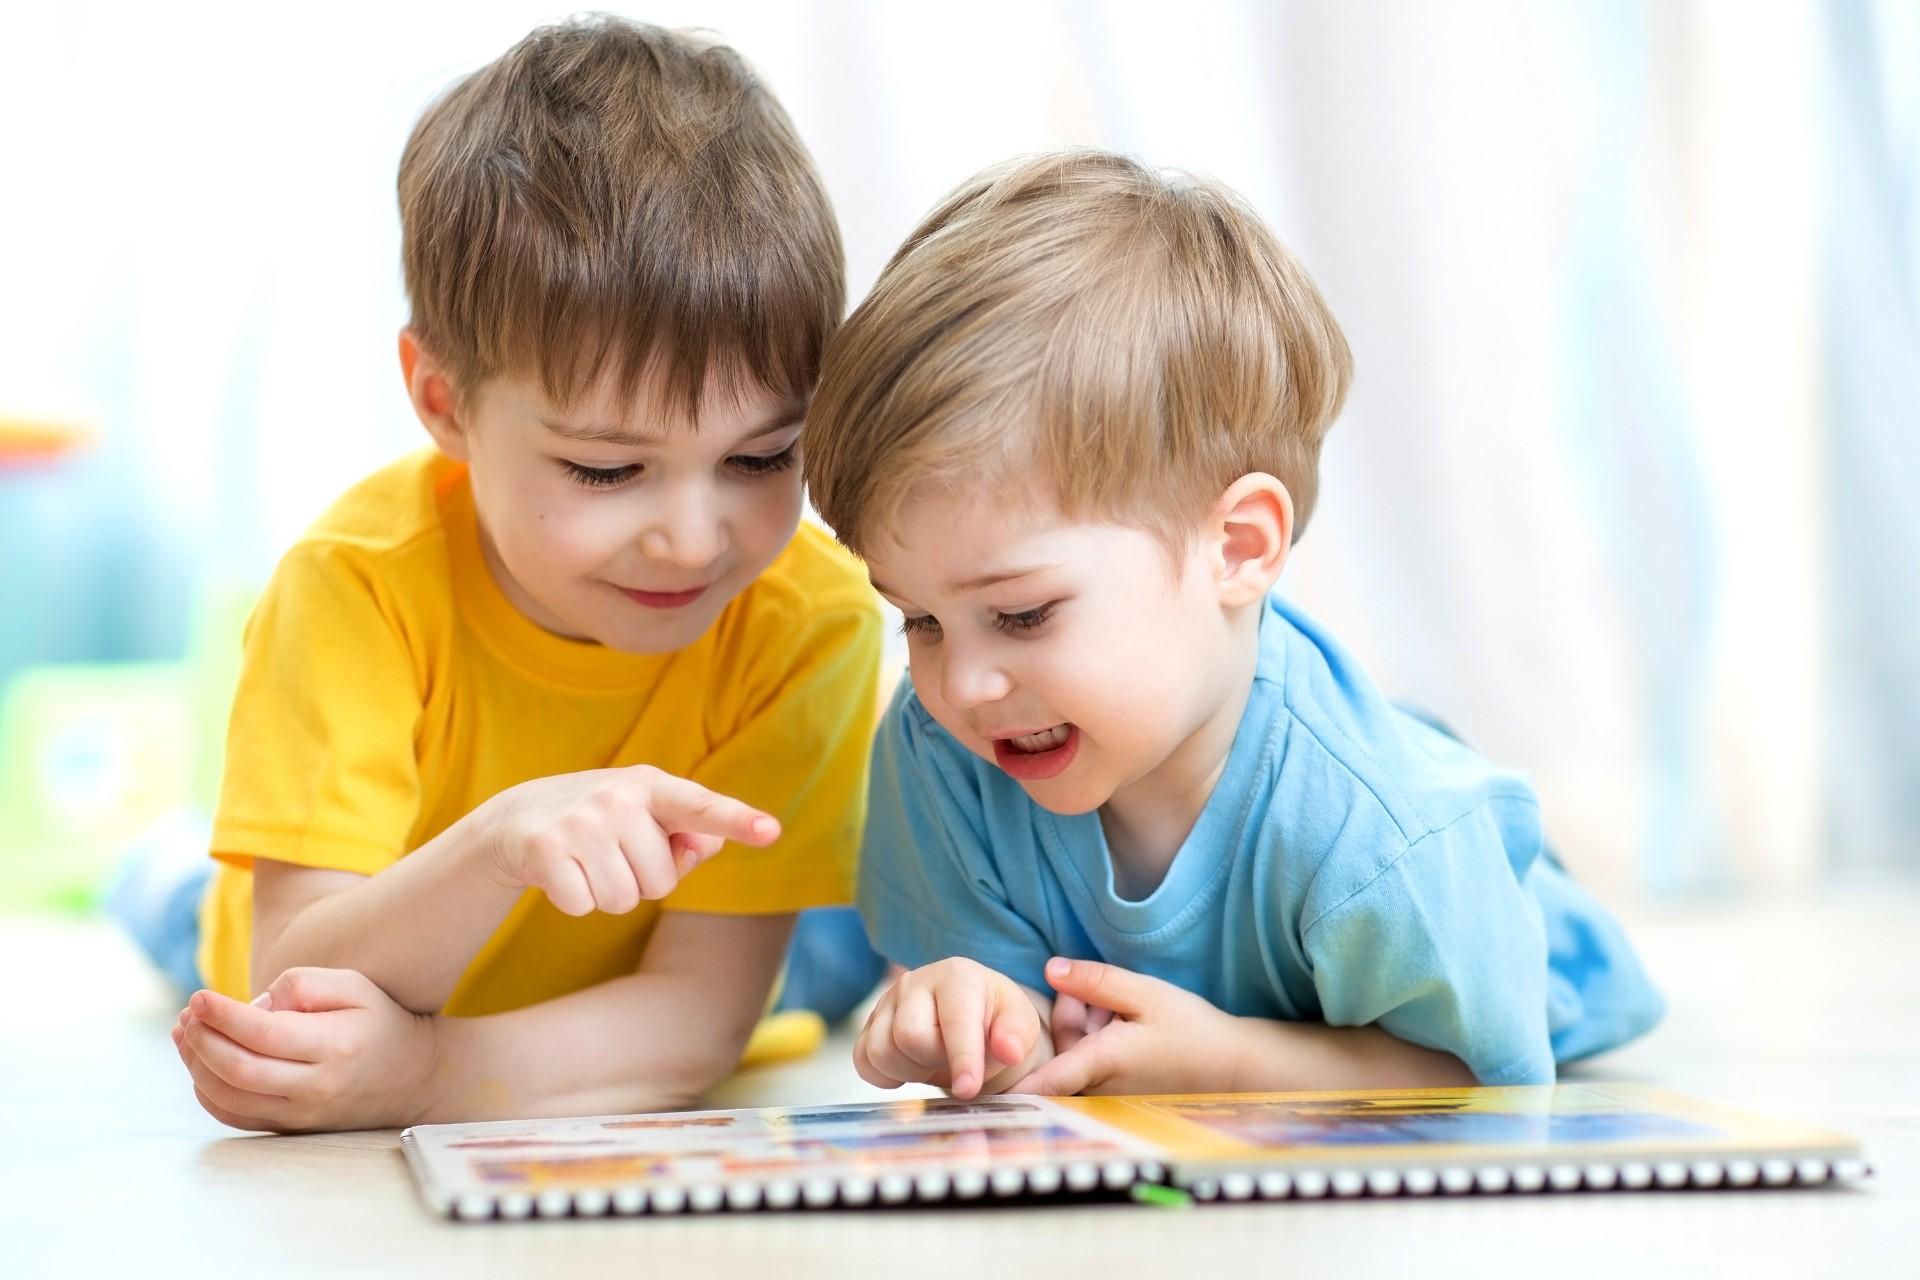 Nên lựa chọn các cuốn sách chứa nội dung và hình ảnh phù hợp với độ tuổi của trẻ